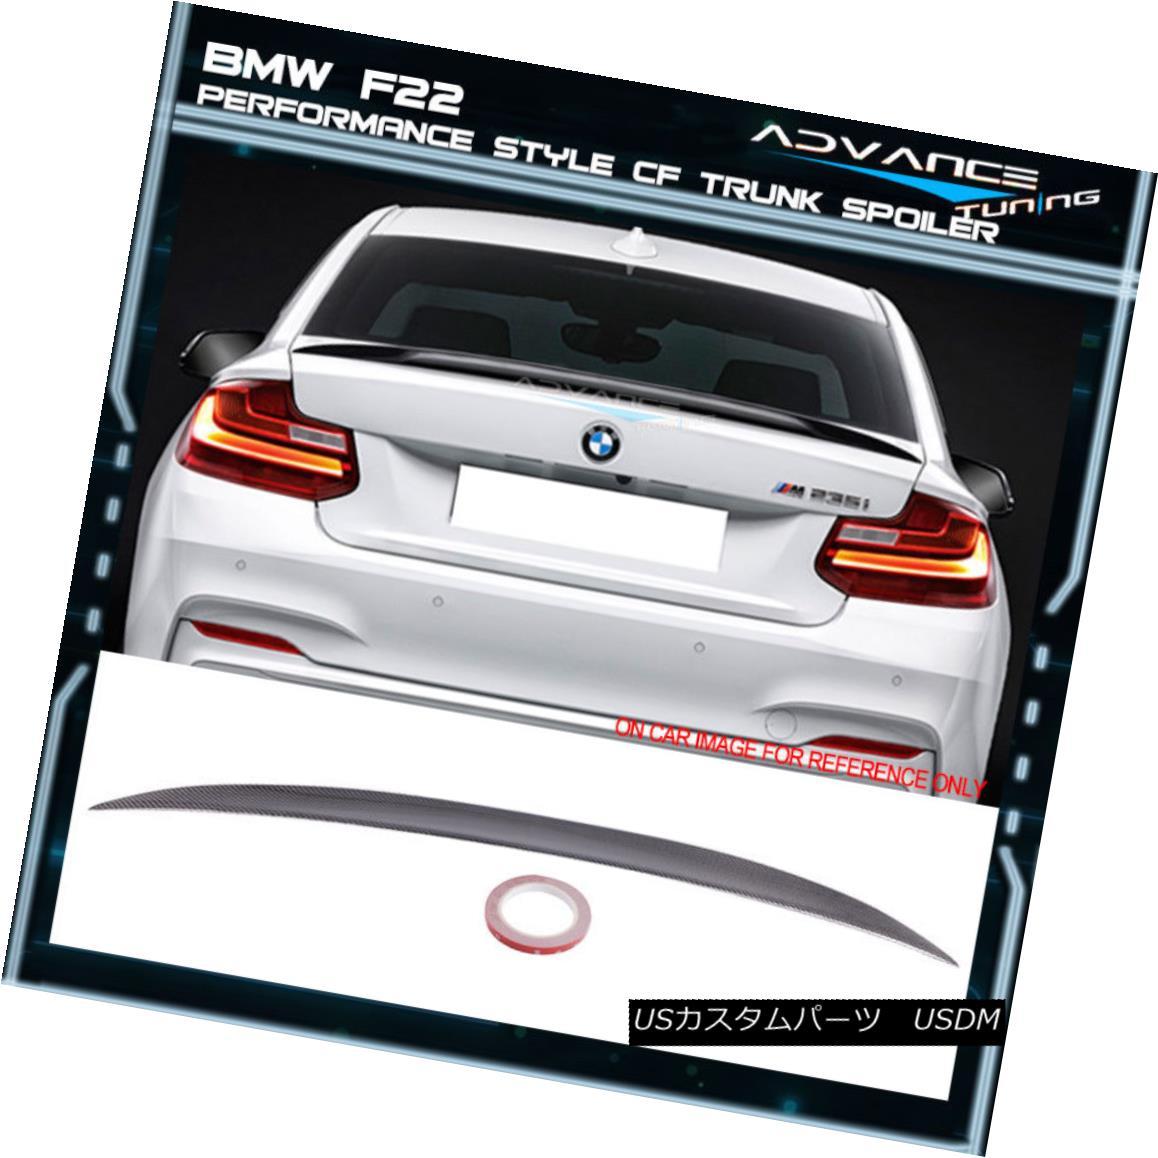 エアロパーツ 14-18 BMW F22 2 Series 2Dr P Style Trunk Spoiler Carbon Fiber (CF) 14-18 BMW F22 2シリーズ2Dr Pスタイルトランクスポイラーカーボンファイバー(CF)